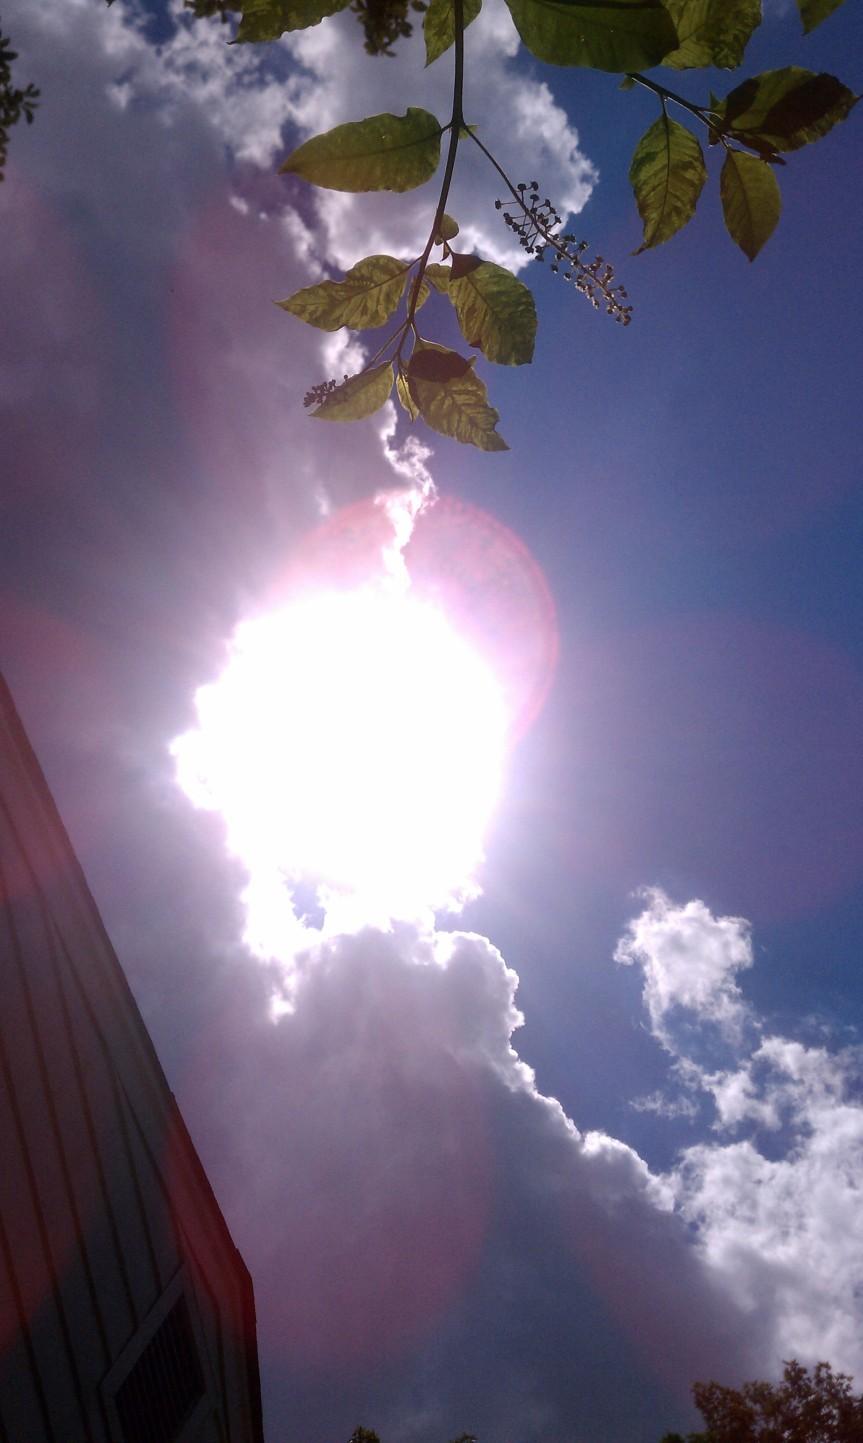 June 24 2012 12:46pm